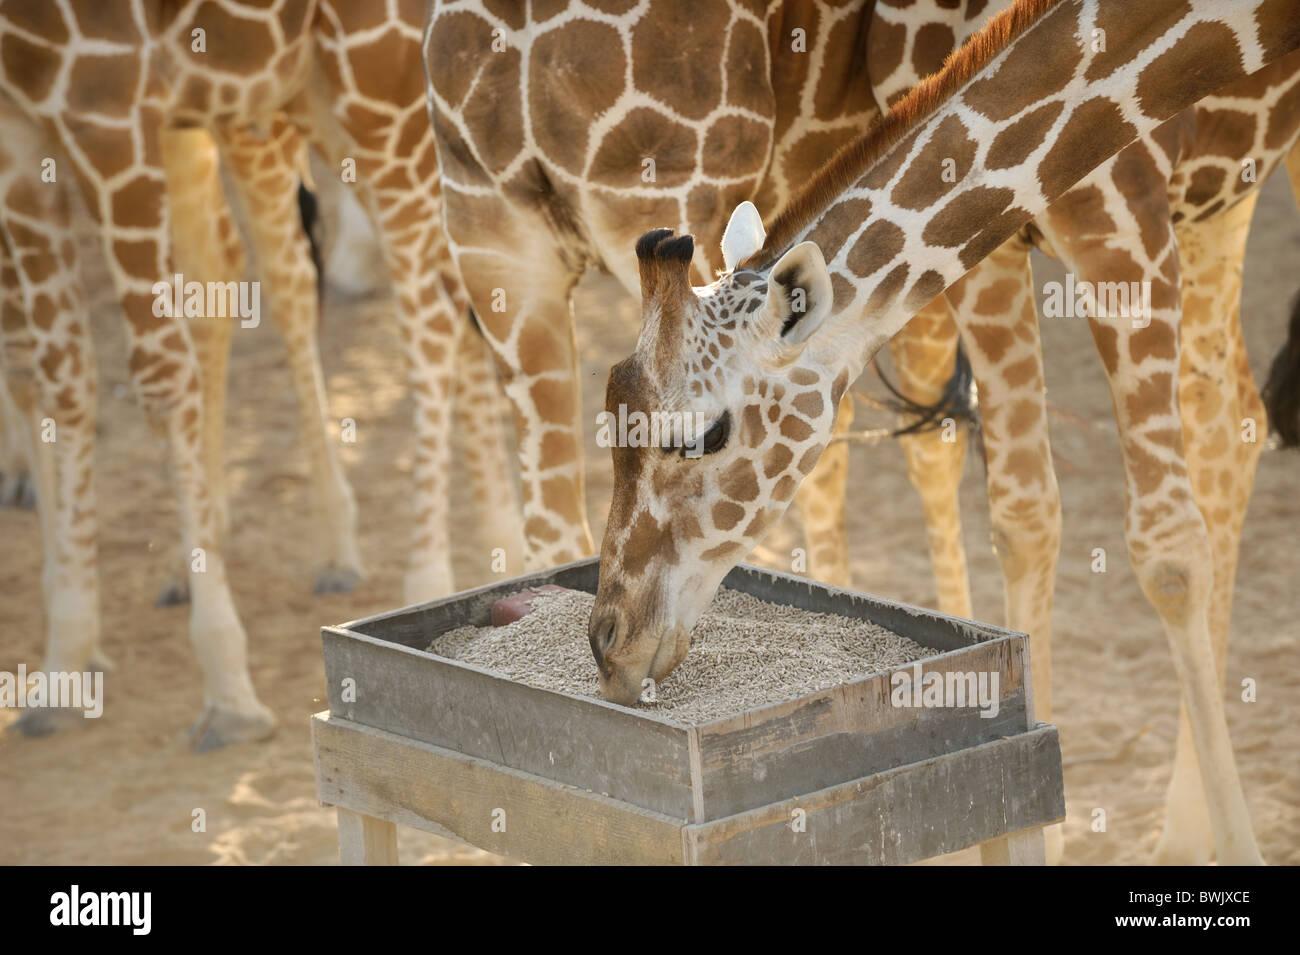 Adult giraffe (Giraffa camelopardalis) at a feeding station on Sir Bani Yas Island, UAE - Stock Image